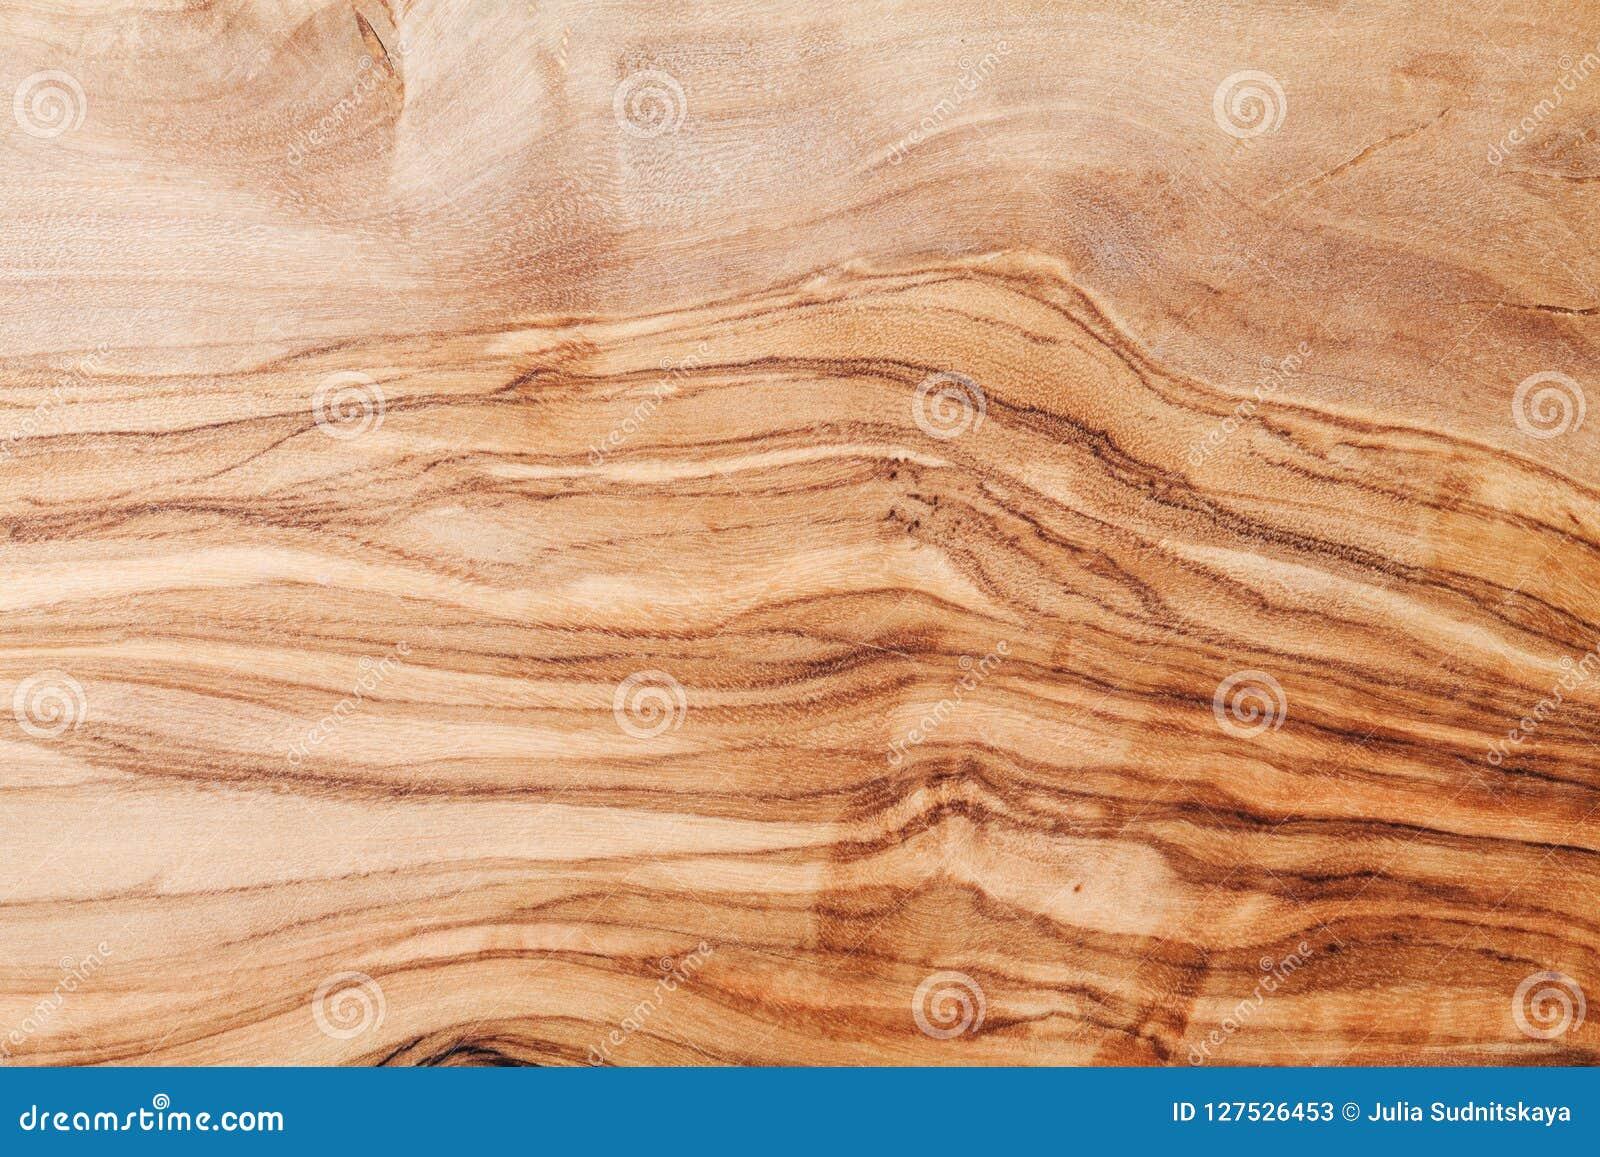 Φυσική ξύλινη σύσταση ελιών για το υπόβαθρο ή την ταπετσαρία